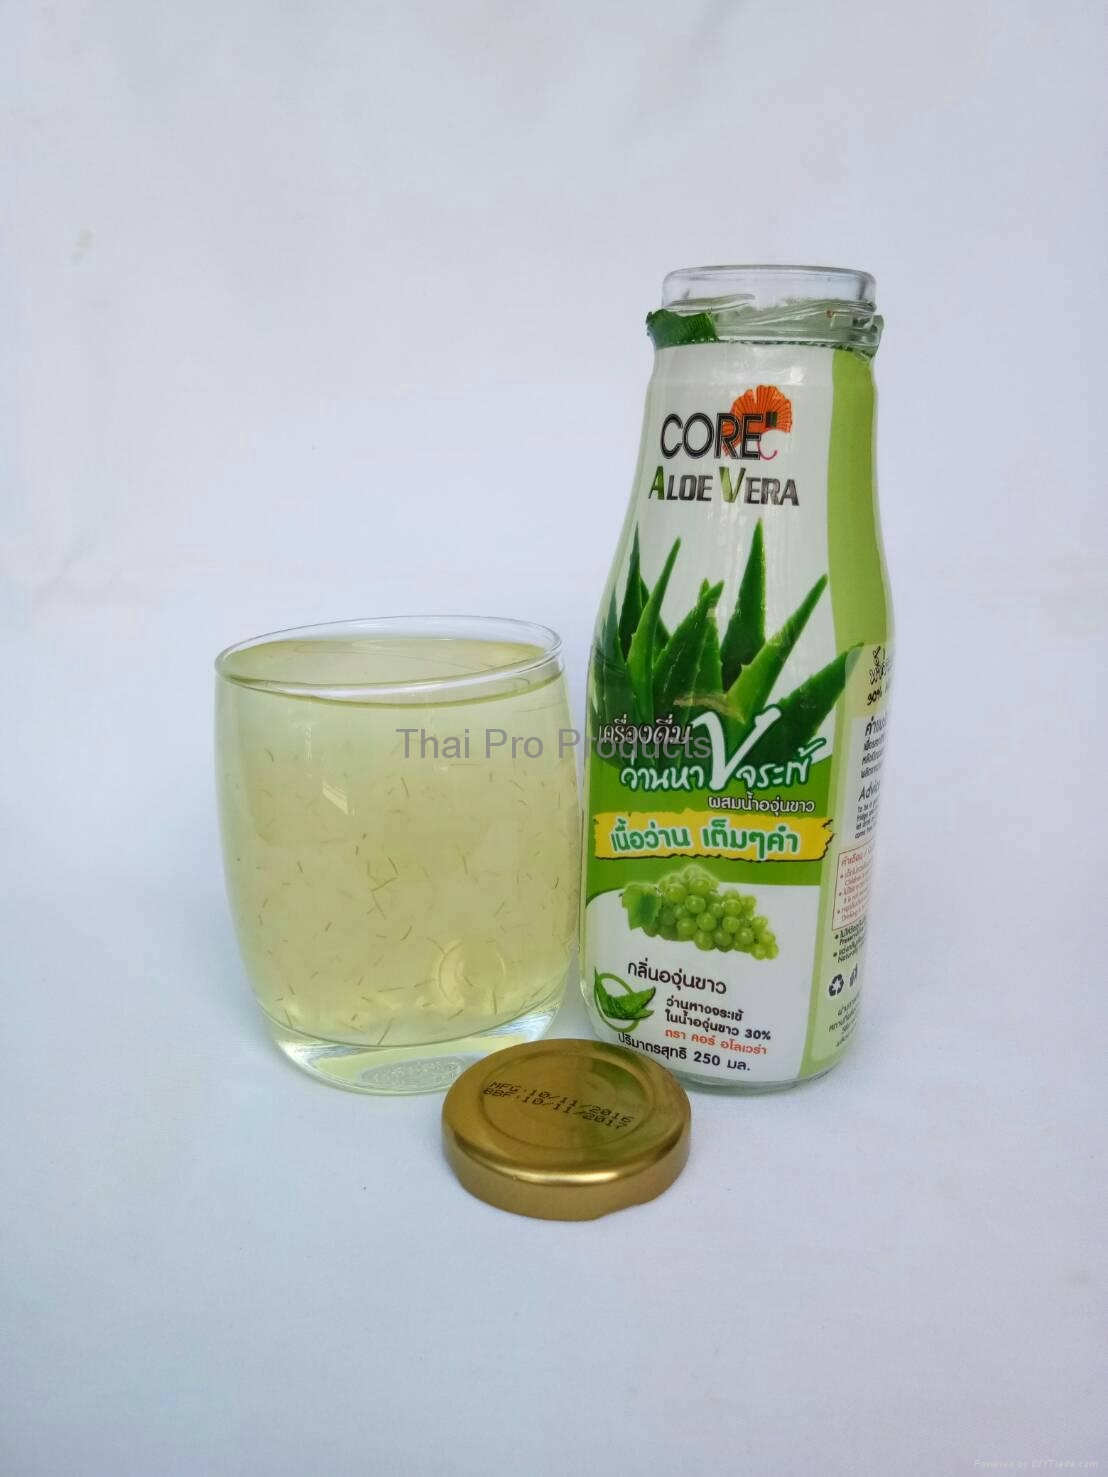 Aloe Vera Drink White Grape Flavored 2